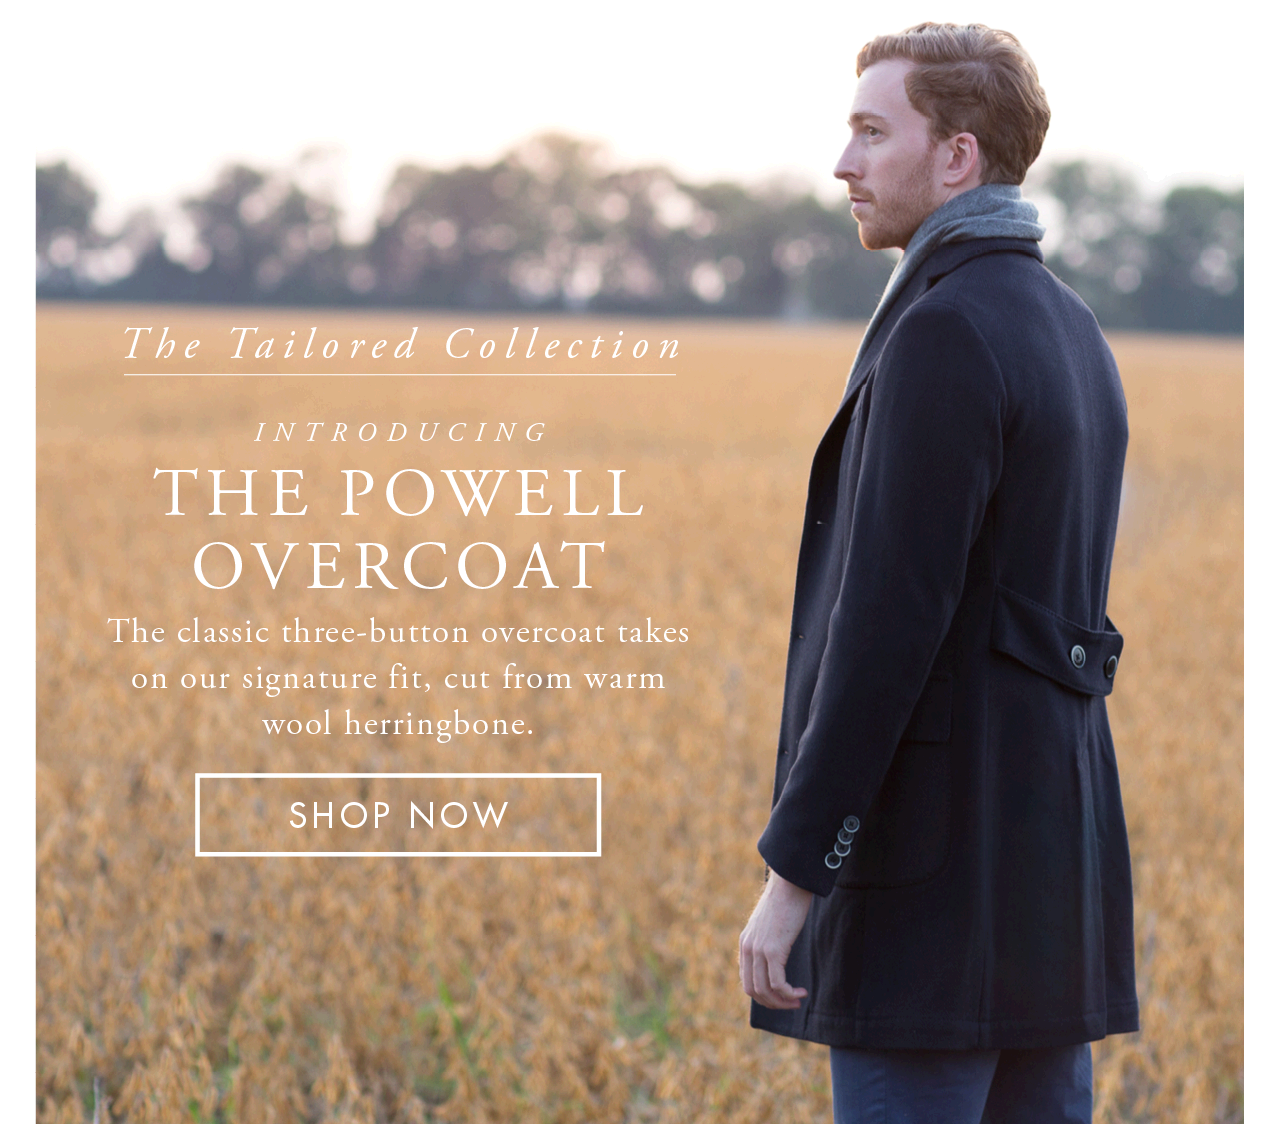 The Powell Overcoat